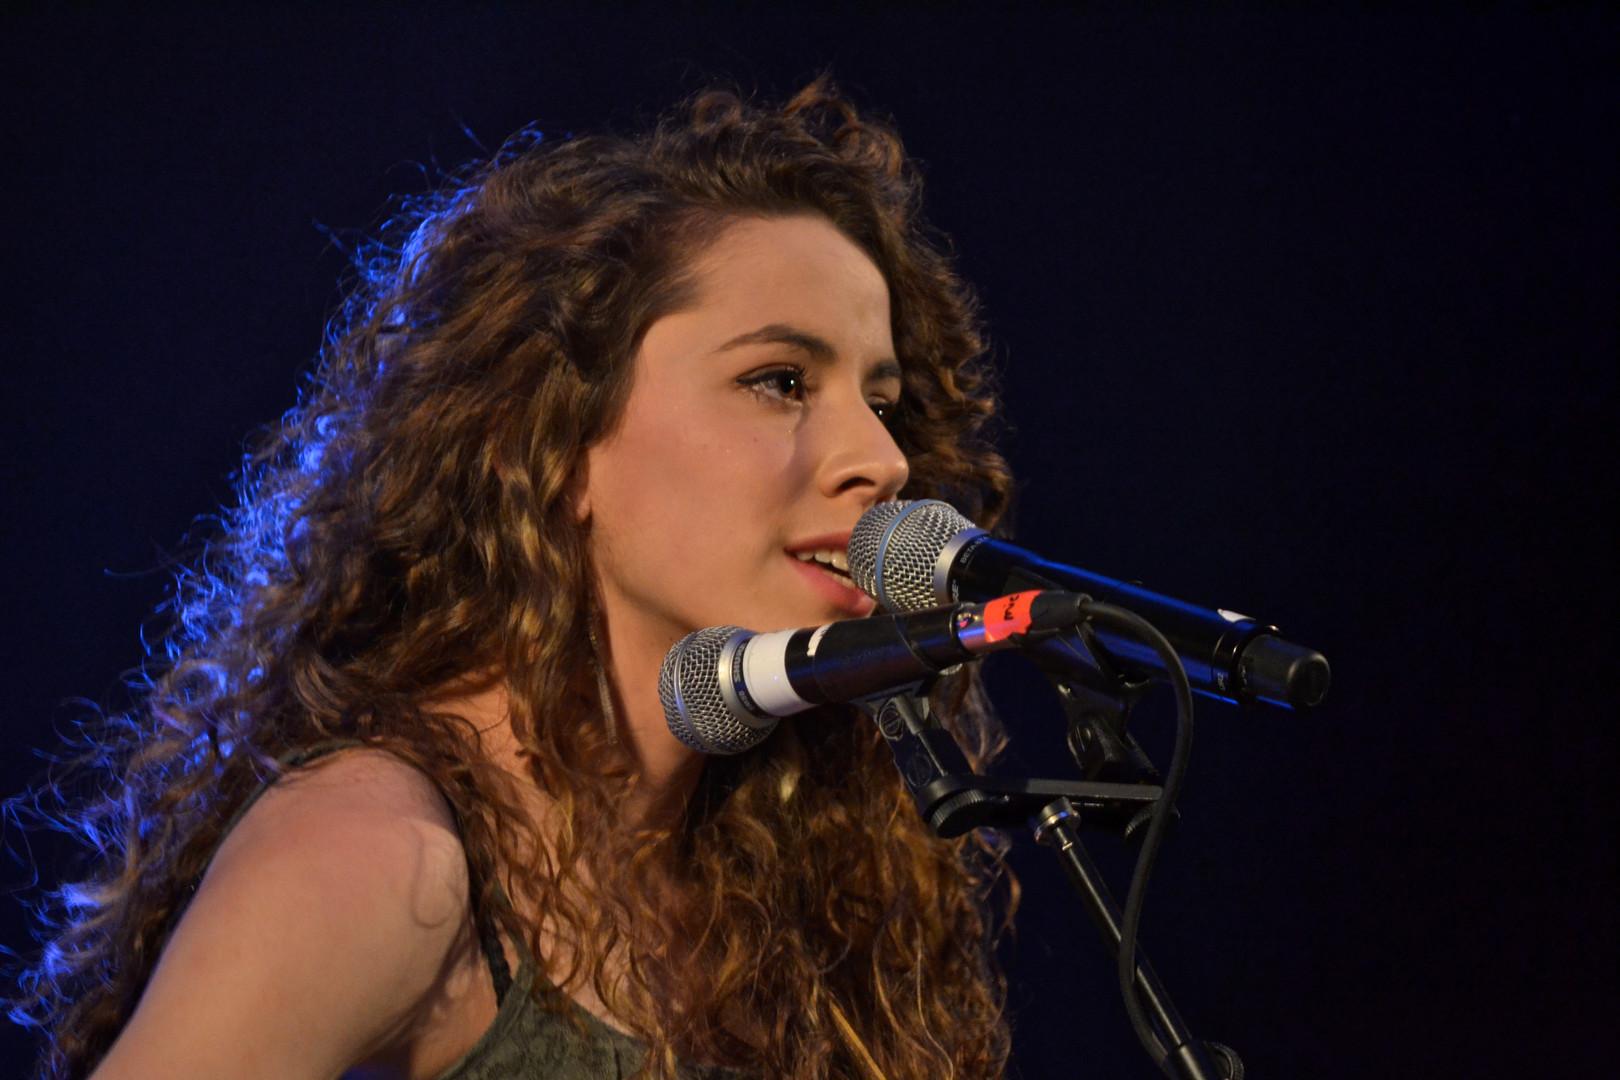 Myriam Arseneau